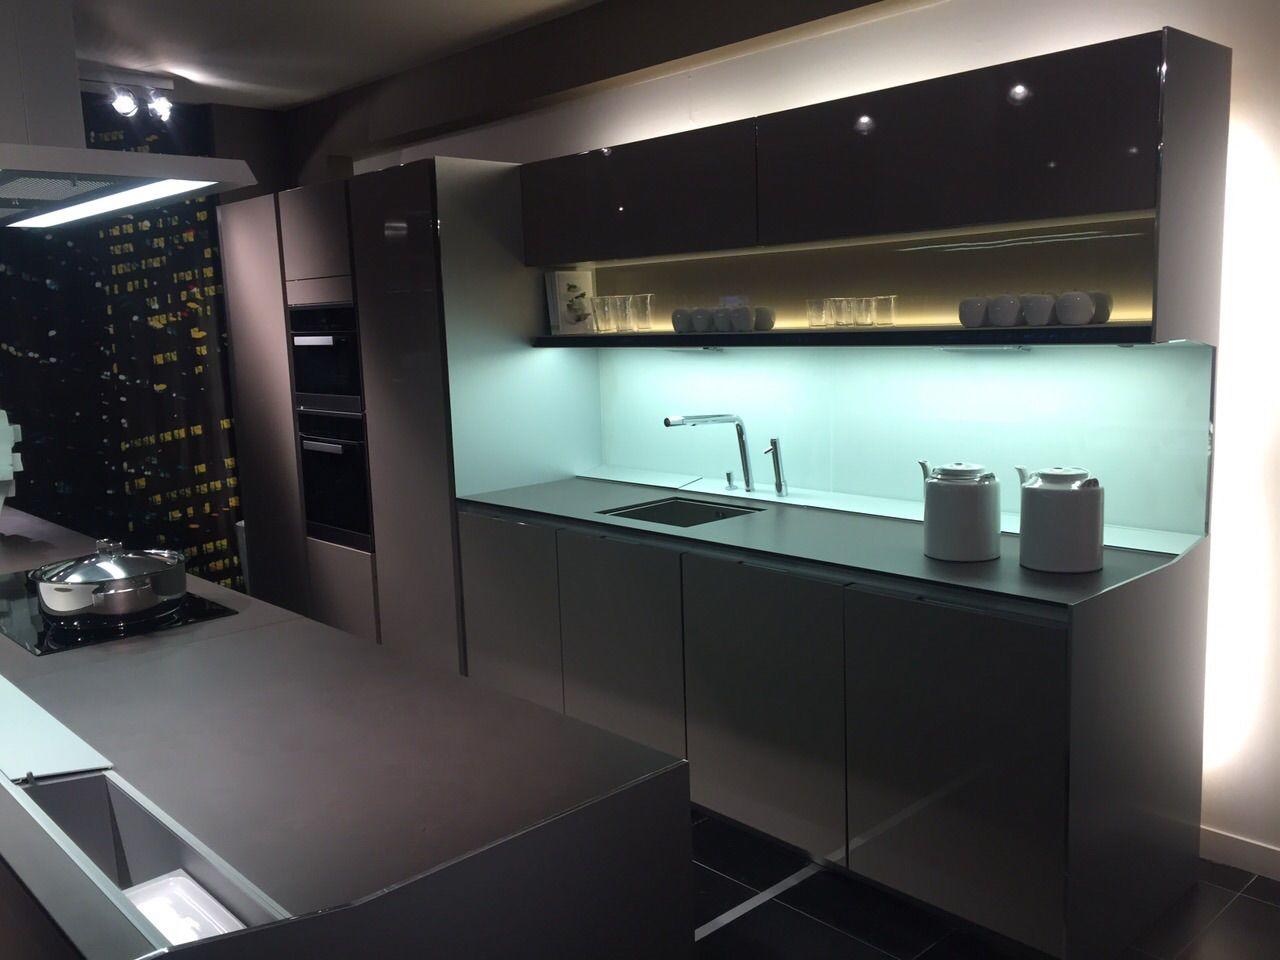 siematic showroomkeukens siematic showroomkeuken aanbiedingen siematic exclusive s1. Black Bedroom Furniture Sets. Home Design Ideas